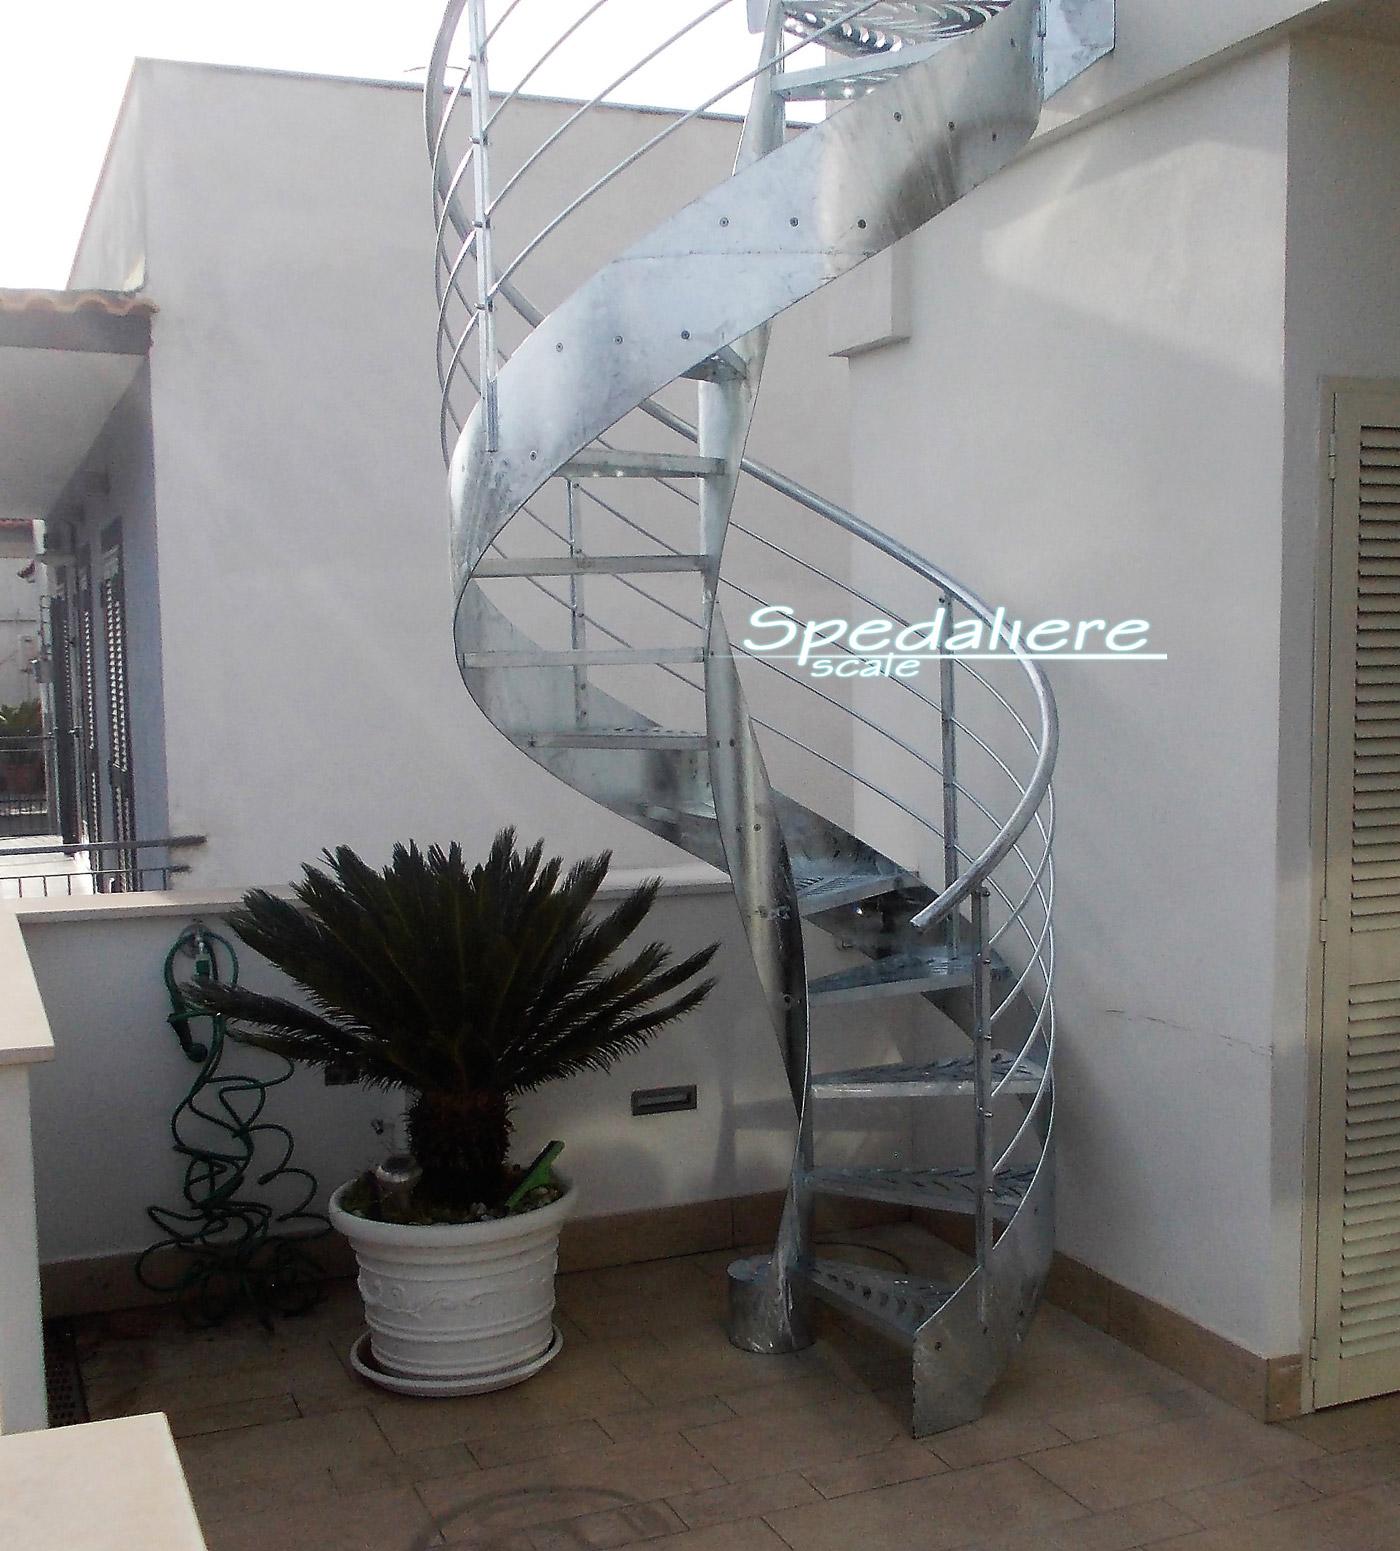 Elicoidale da esterno totalmente zincata a caldo completa di bulloneria in acciaio inox e gradini in Plexiglas trasparente